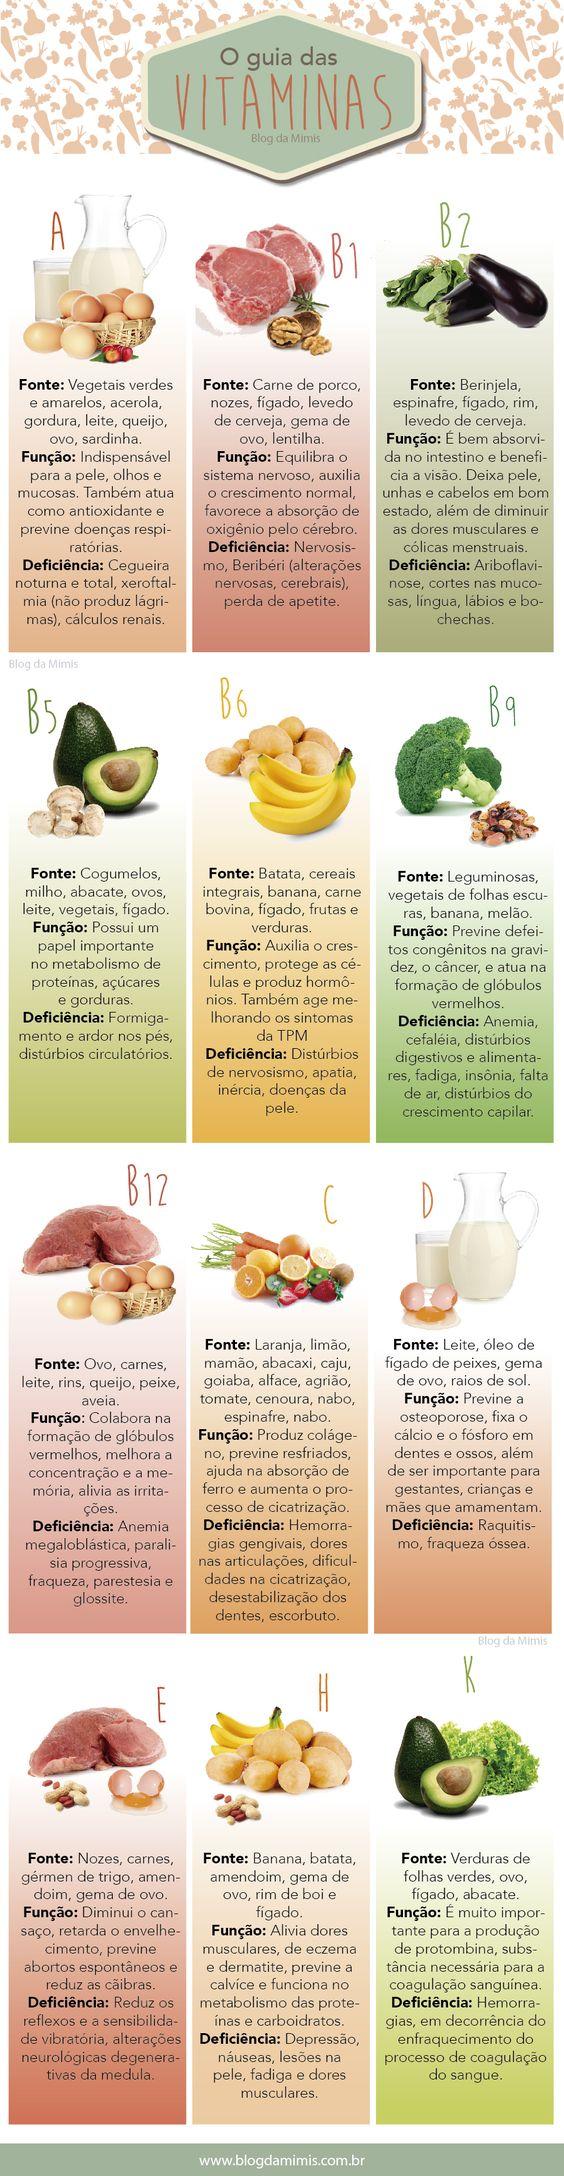 A importância de uma dieta rica em vitaminas: